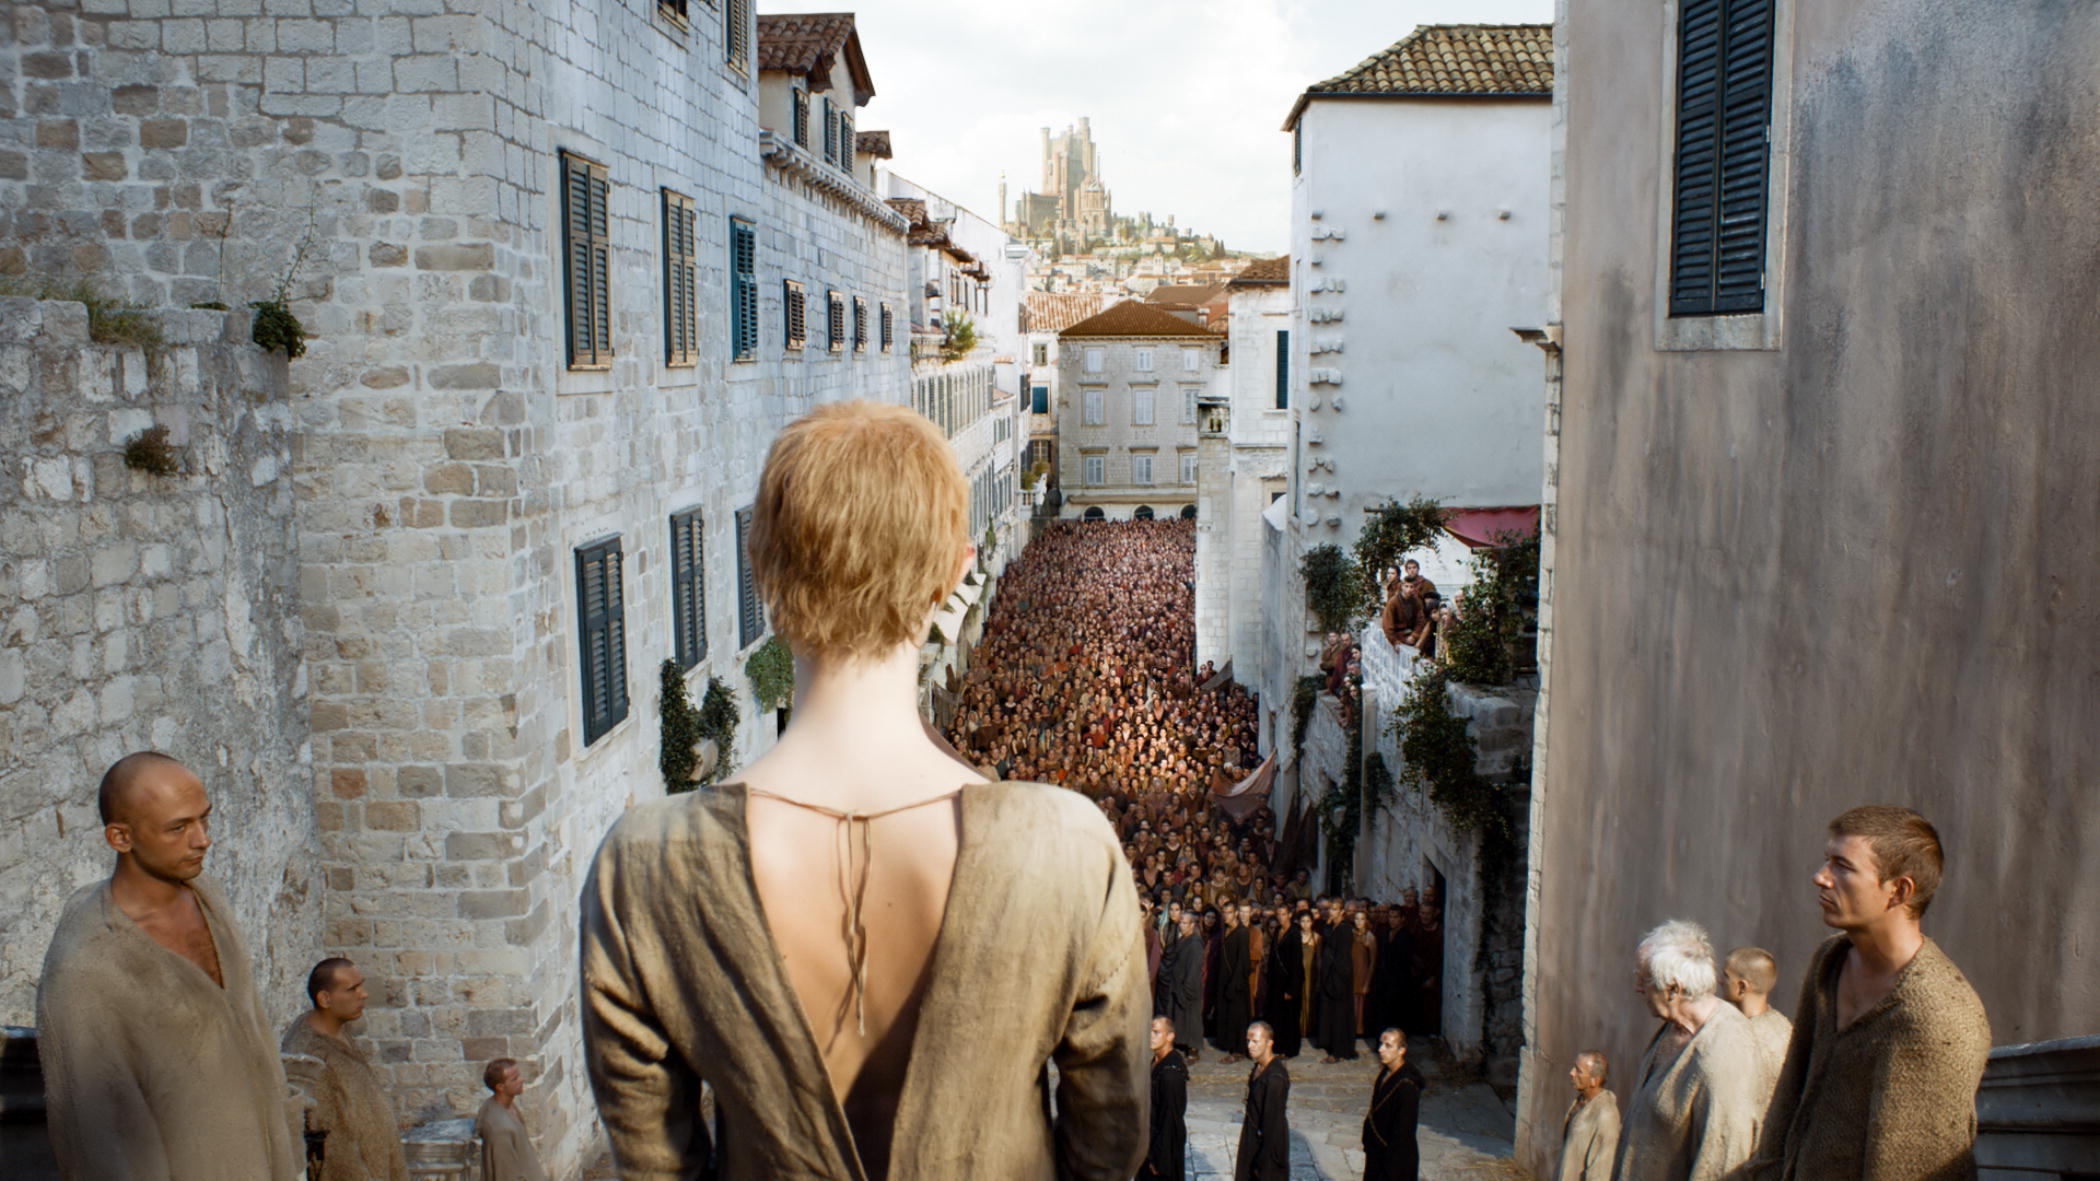 gra o tron cersei naga marsz pokutny